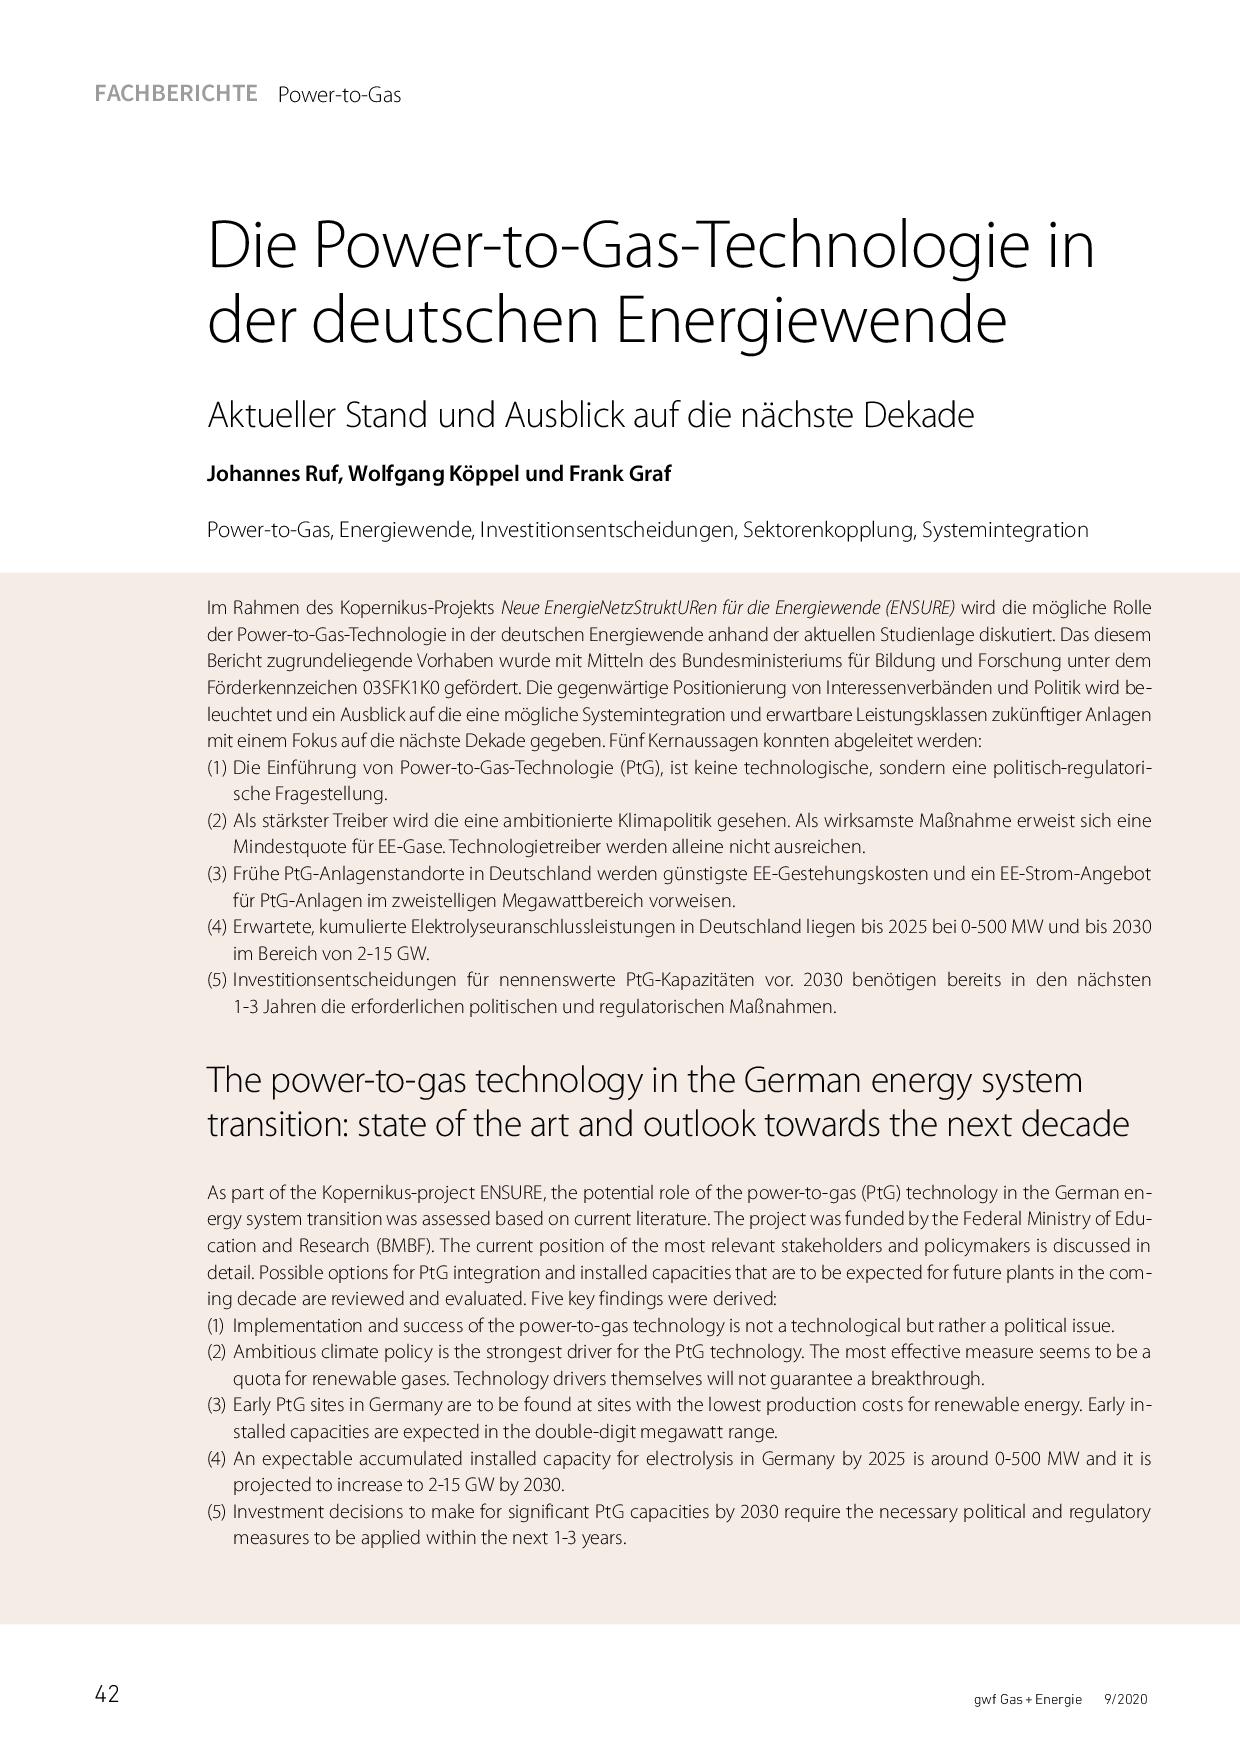 Die Power-to-Gas-Technologie in der deutschen Energiewende, Aktueller Stand und Ausblick auf die nächste Dekade,